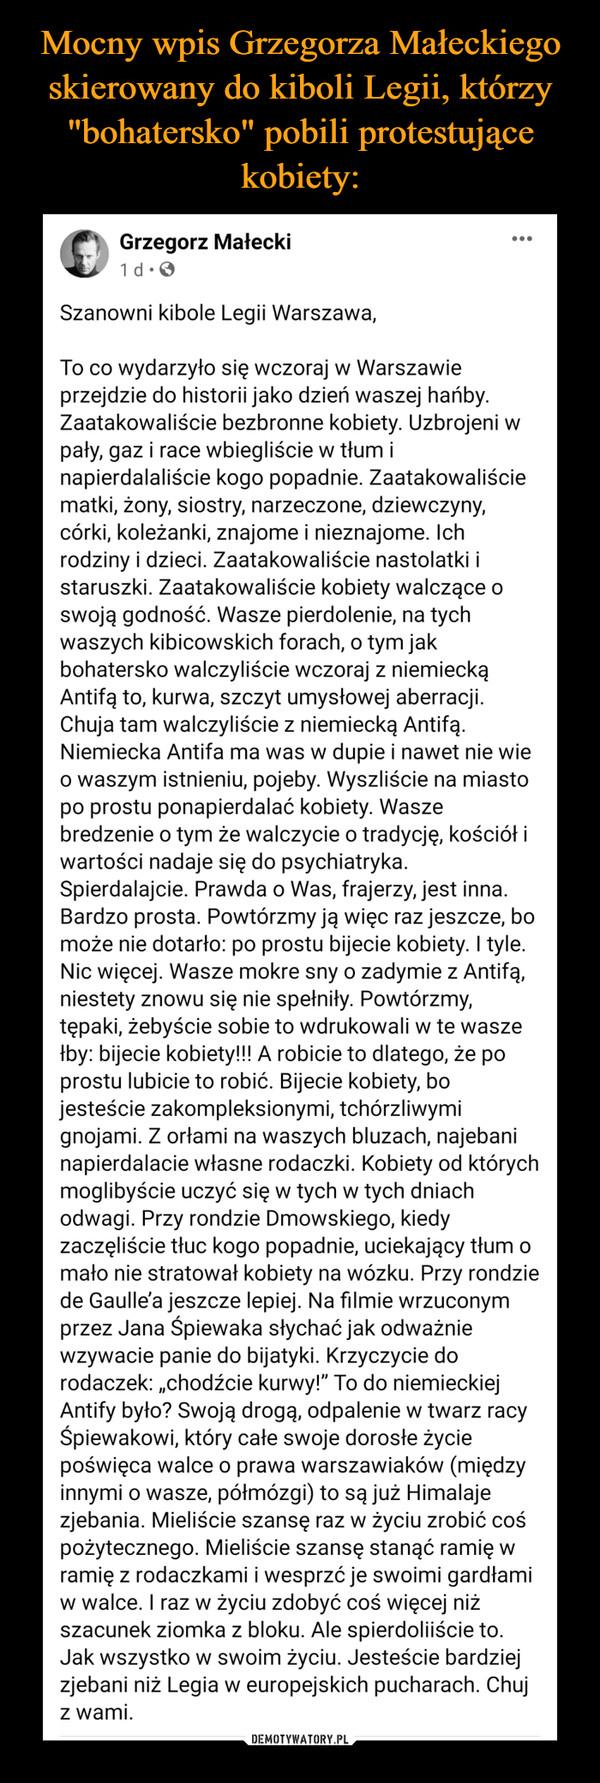 """–  Grzegorz MałeckiWtcmzorgSapnojg loogco ns15atooren:od2r7ta  · Szanowni kibole Legii Warszawa, To co wydarzyło się wczoraj w Warszawie przejdzie do historii jako dzień waszej hańby. Zaatakowaliście bezbronne kobiety. Uzbrojeni w pały, gaz i race wbiegliście w tłum i napierdalaliście kogo popadnie. Zaatakowaliście matki, żony, siostry, narzeczone, dziewczyny, córki, koleżanki, znajome i nieznajome. Ich rodziny i dzieci. Zaatakowaliście nastolatki i staruszki. Zaatakowaliście kobiety walczące o swoją godność. Wasze pierdolenie, na tych waszych kibicowskich forach, o tym jak bohatersko walczyliście wczoraj z niemiecką Antifą to, kurwa, szczyt umysłowej aberracji. Chuja tam walczyliście z niemiecką Antifą. Niemiecka Antifa ma was w dupie i nawet nie wie o waszym istnieniu, pojeby. Wyszliście na miasto po prostu ponapierdalać kobiety. Wasze bredzenie o tym że walczycie o tradycję, kościół i wartości nadaje się do psychiatryka. Spierdalajcie. Prawda o Was, frajerzy, jest inna. Bardzo prosta. Powtórzmy ją więc raz jeszcze, bo może nie dotarło: po prostu bijecie kobiety. I tyle. Nic więcej. Wasze mokre sny o zadymie z Antifą, niestety znowu się nie spełniły. Powtórzmy, tępaki, żebyście sobie to wdrukowali w te wasze łby: bijecie kobiety!!! A robicie to dlatego, że po prostu lubicie to robić. Bijecie kobiety, bo jesteście zakompleksionymi, tchórzliwymi gnojami. Z orłami na waszych bluzach, najebani napierdalacie własne rodaczki. Kobiety od których moglibyście uczyć się w tych w tych dniach odwagi. Przy rondzie Dmowskiego, kiedy zaczęliście tłuc kogo popadnie, uciekający tłum o mało nie stratował kobiety na wózku. Przy rondzie de Gaulle'a jeszcze lepiej. Na filmie wrzuconym przez Jana Śpiewaka słychać jak odważnie wzywacie panie do bijatyki. Krzyczycie do rodaczek: """"chodźcie kurwy!"""" To do niemieckiej Antify było? Swoją drogą, odpalenie w twarz racy Śpiewakowi, który całe swoje dorosłe życie poświęca walce o prawa warszawiaków (między innymi o wasze, półmózgi) to są już Hima"""